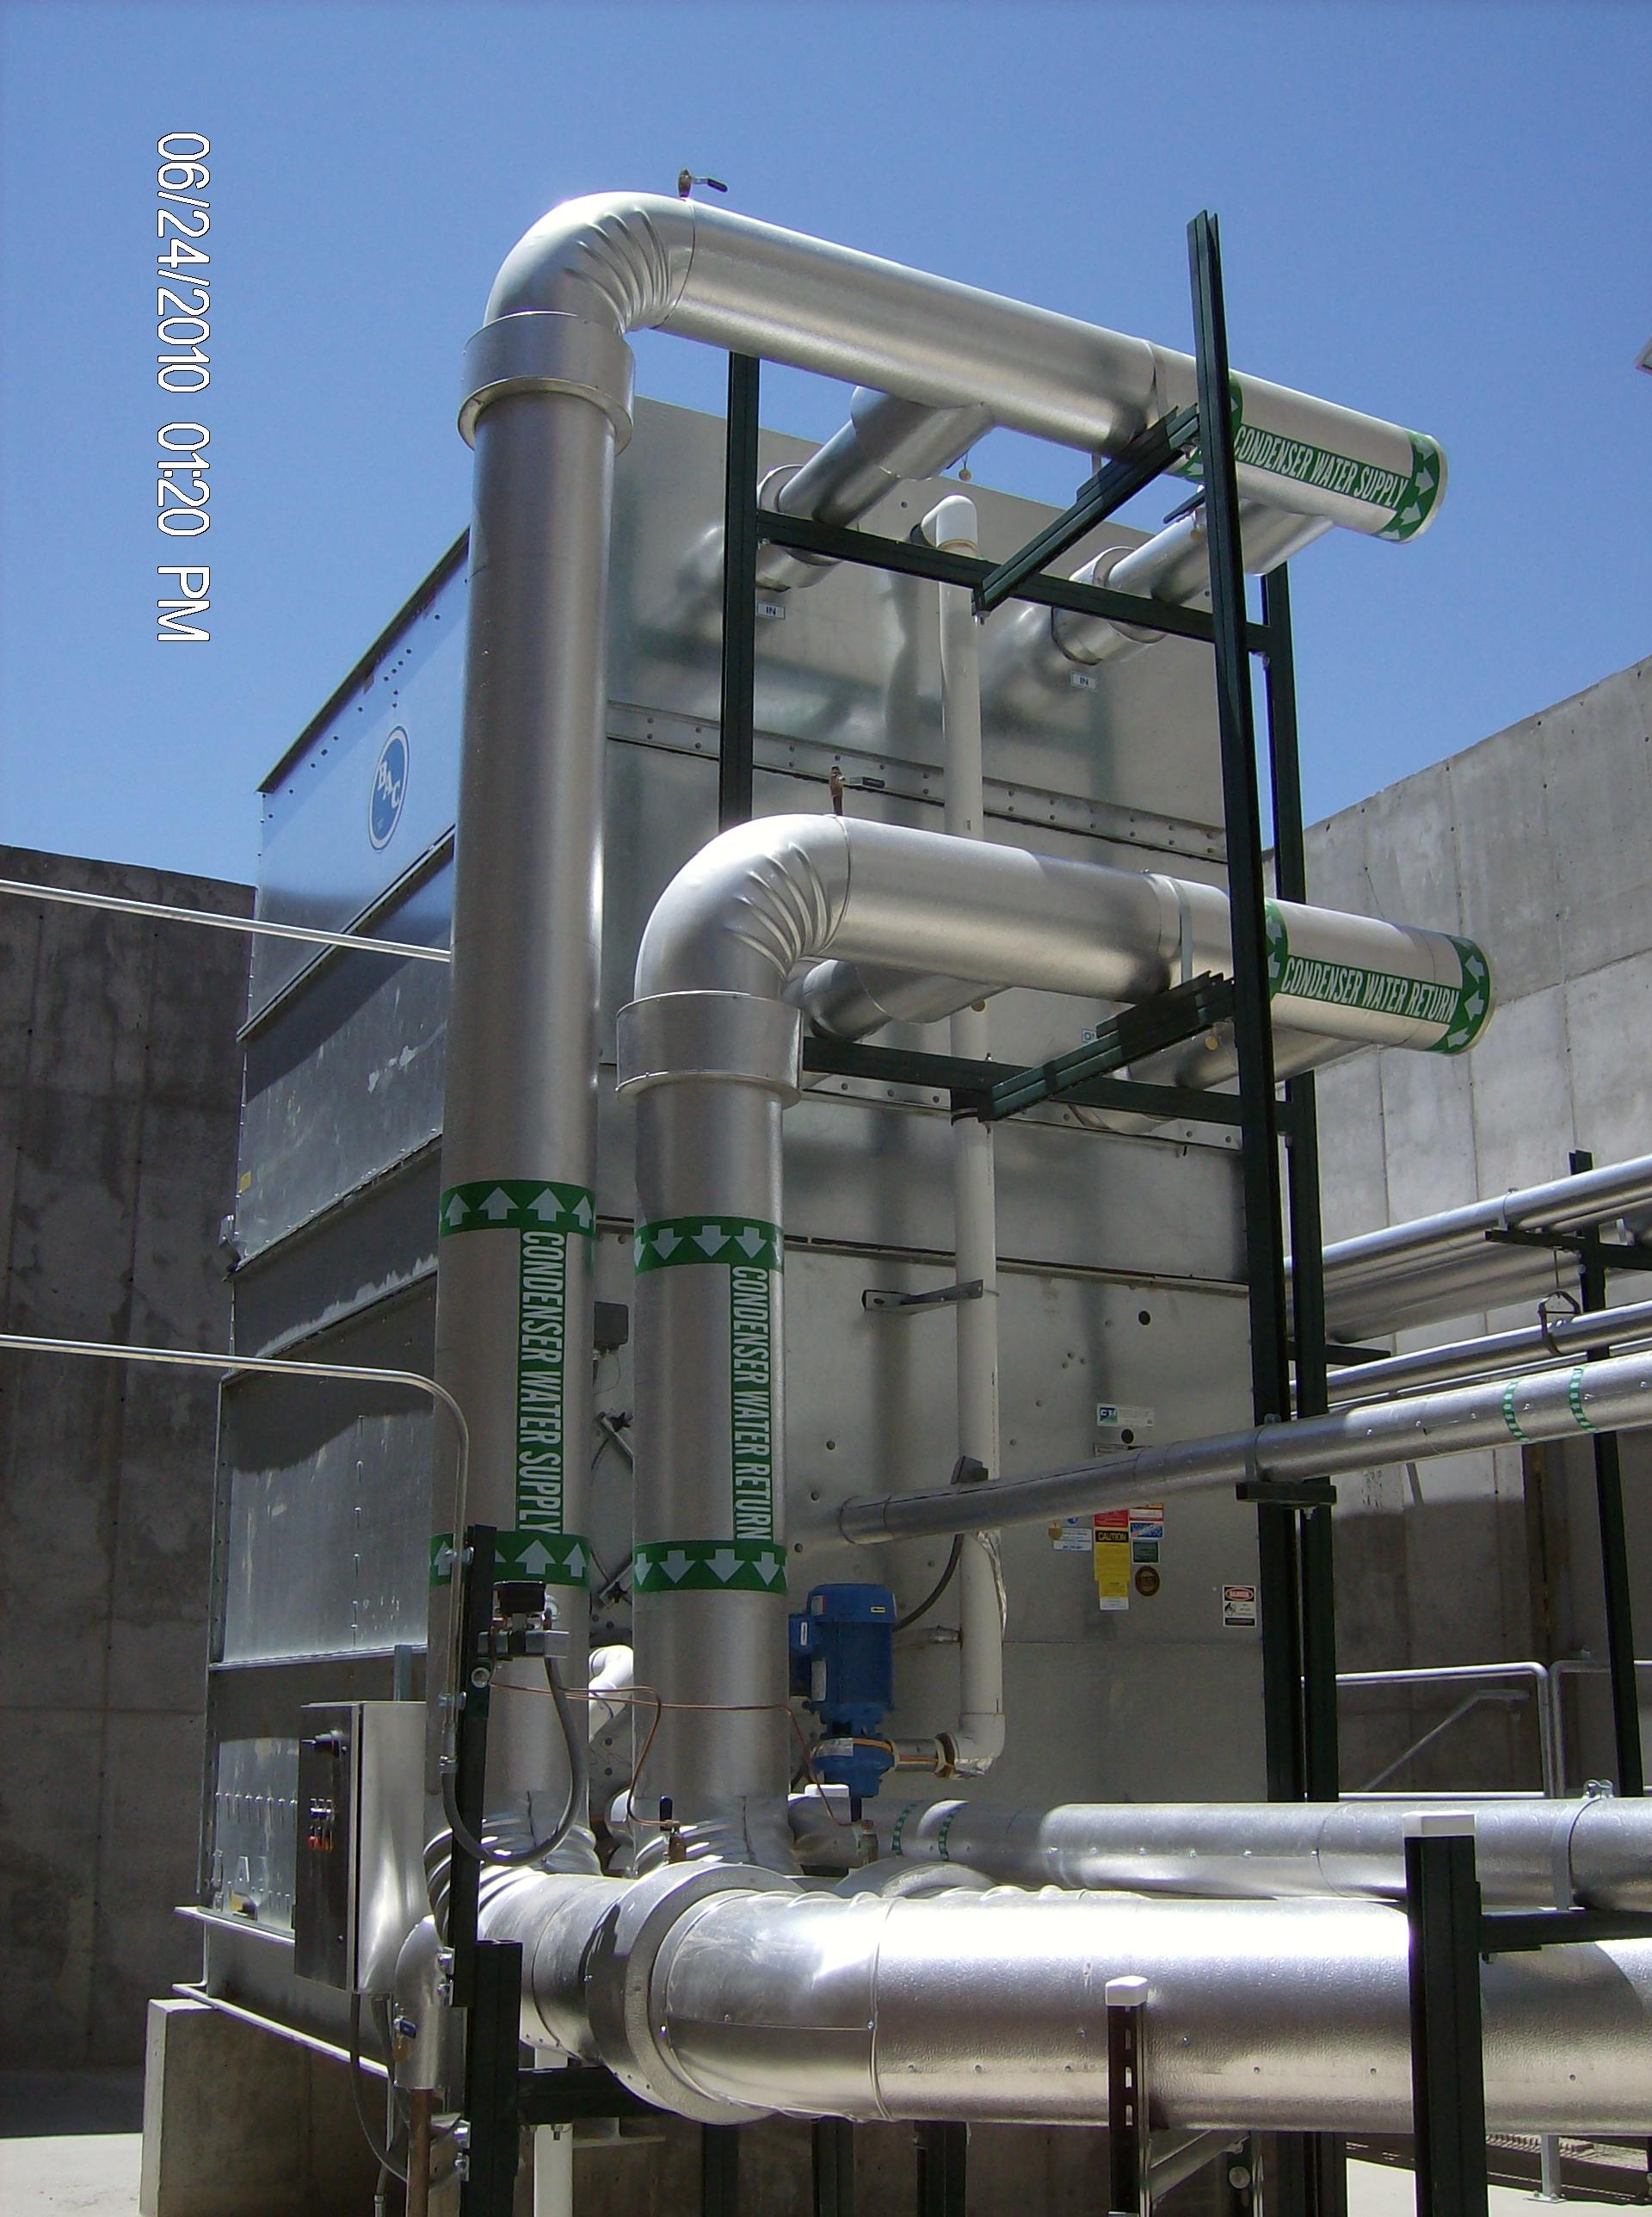 Heating & Plumbing Engineers, Mechanical Contractors Colorado